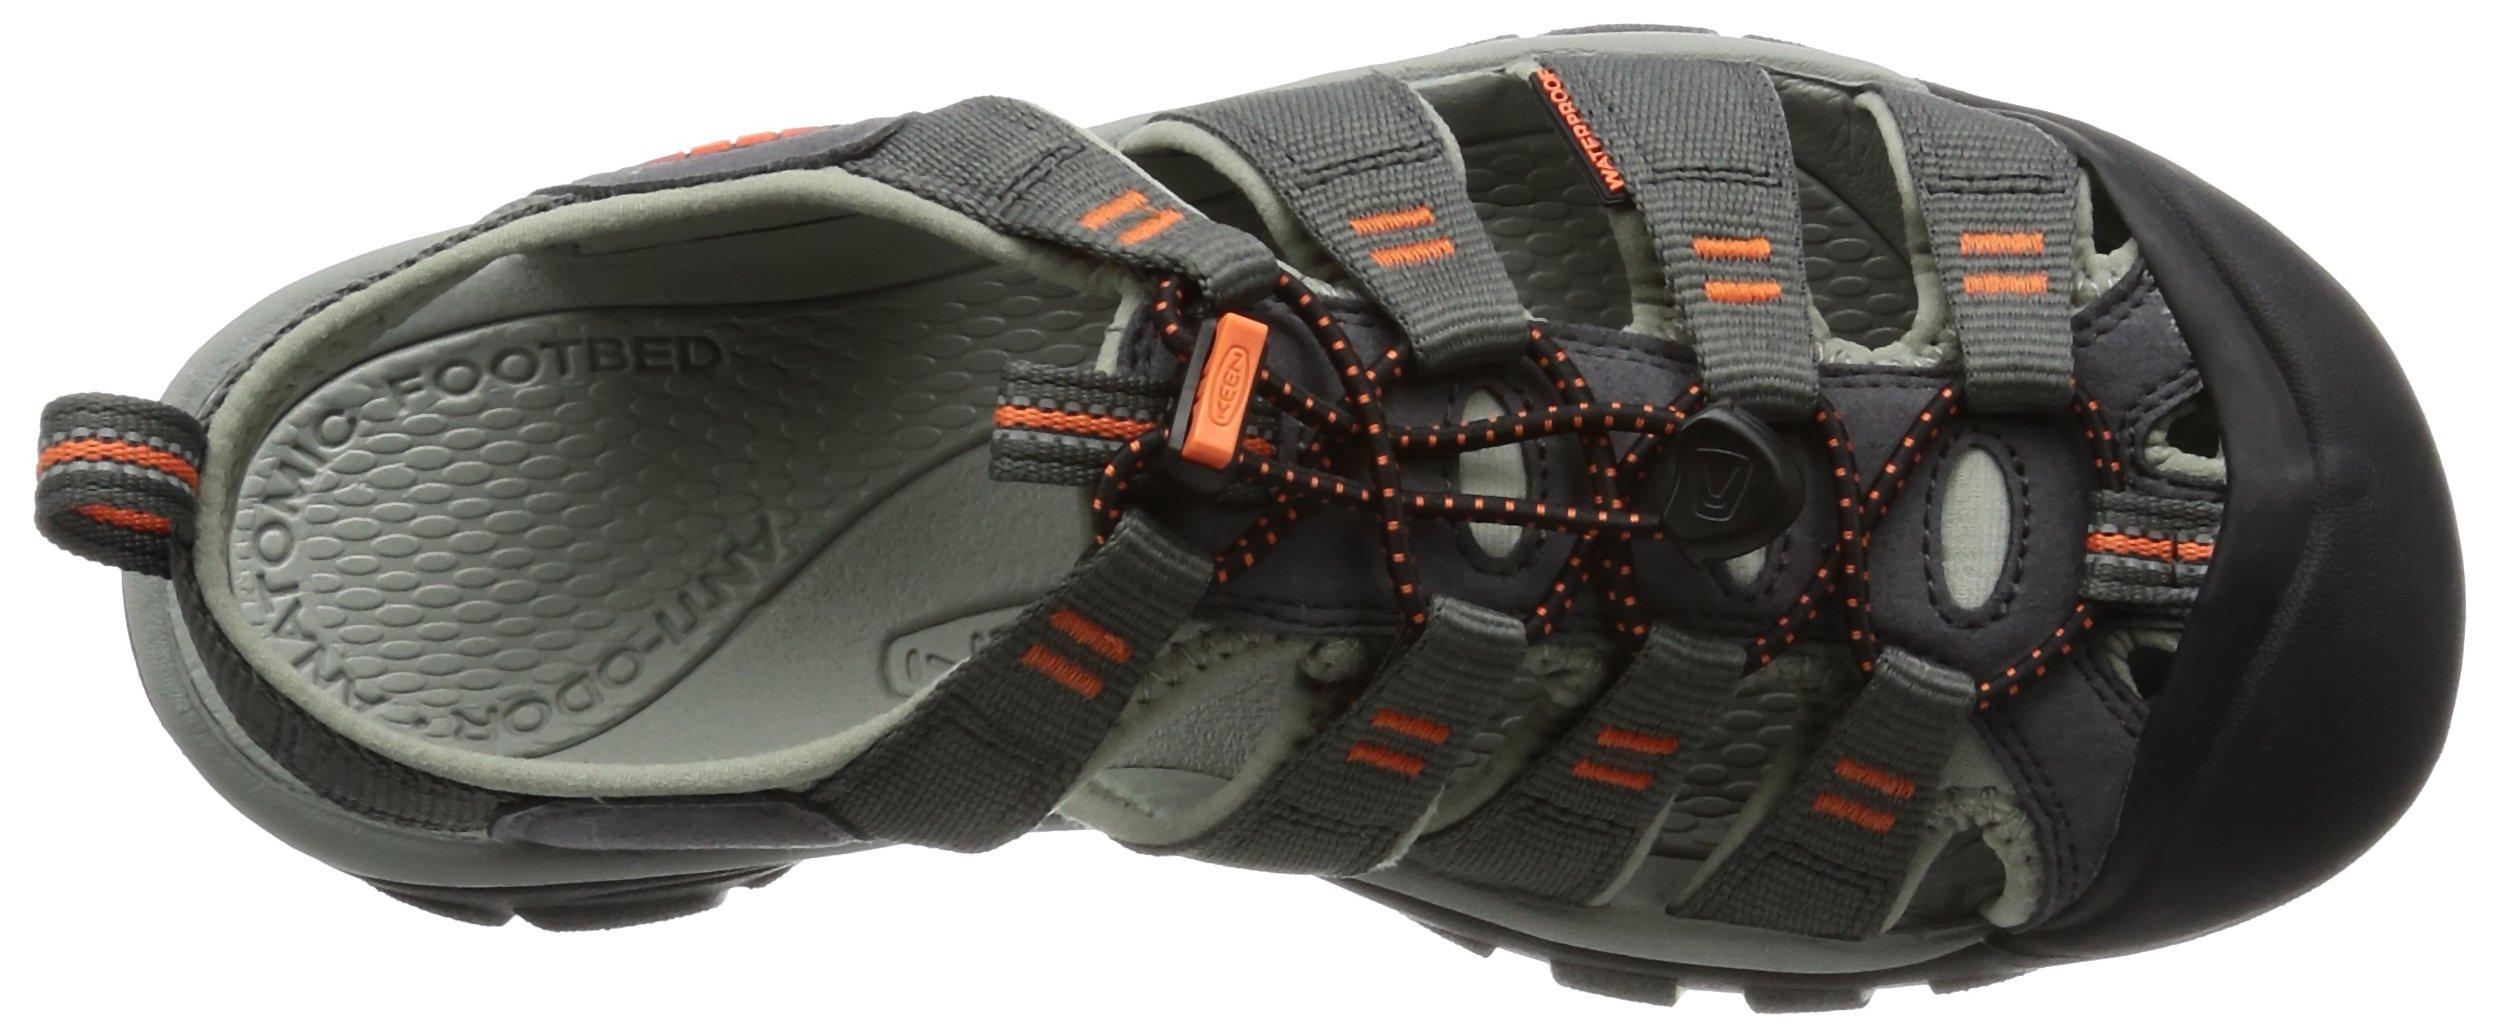 KEEN Men's Newport H2 Hiking Shoe, Magnet/Nasturtium, 15 M US by Keen (Image #8)